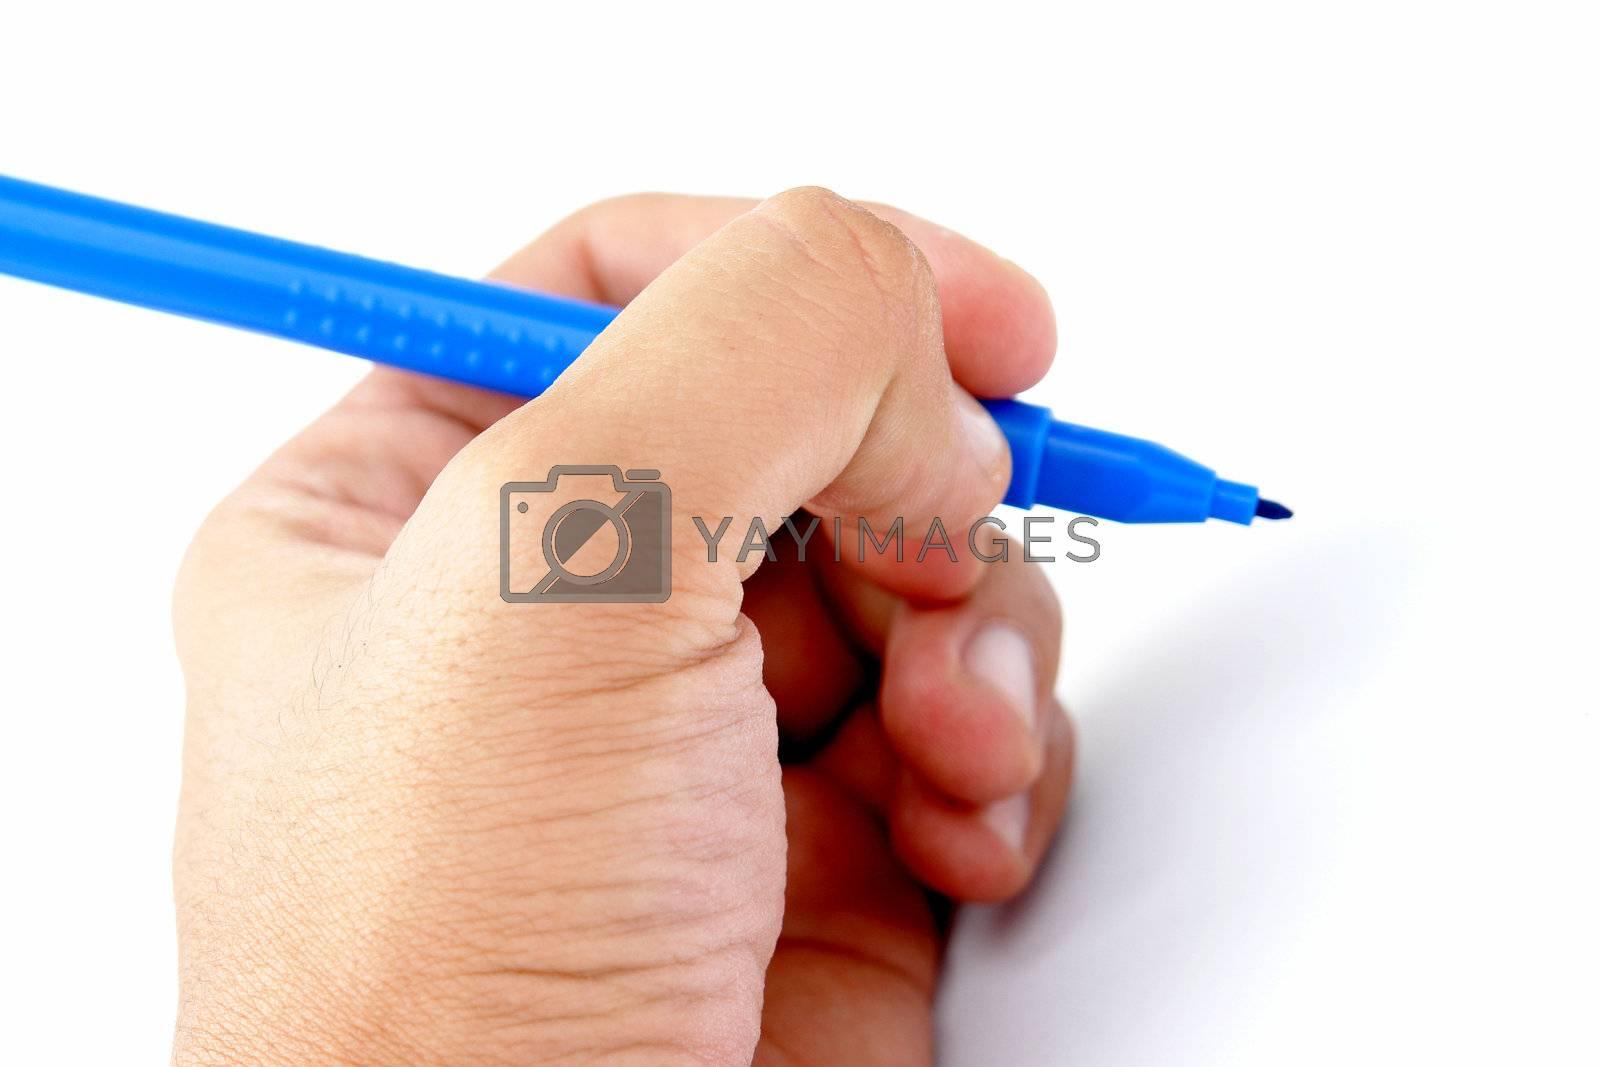 hand writting on white background,  blue bookmark